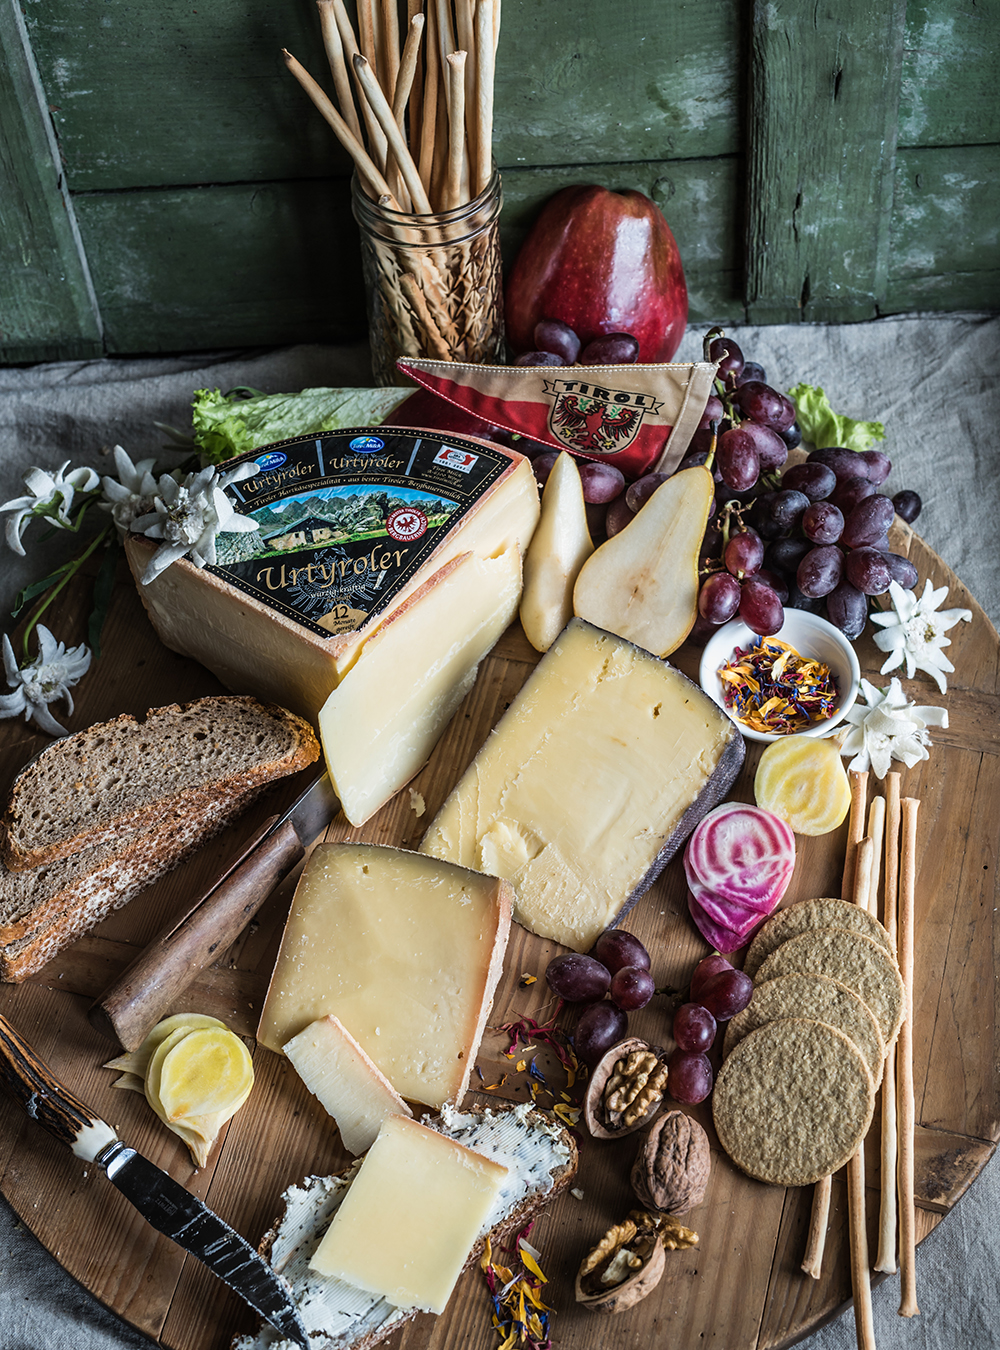 Käse aus Tirol und der Weg zu der perfekten Käseplatte #sennermeetsblogger - Eine Käsesommelière zeigt die perfekte Käseplatte, Rezept für Quitten Senfsauce